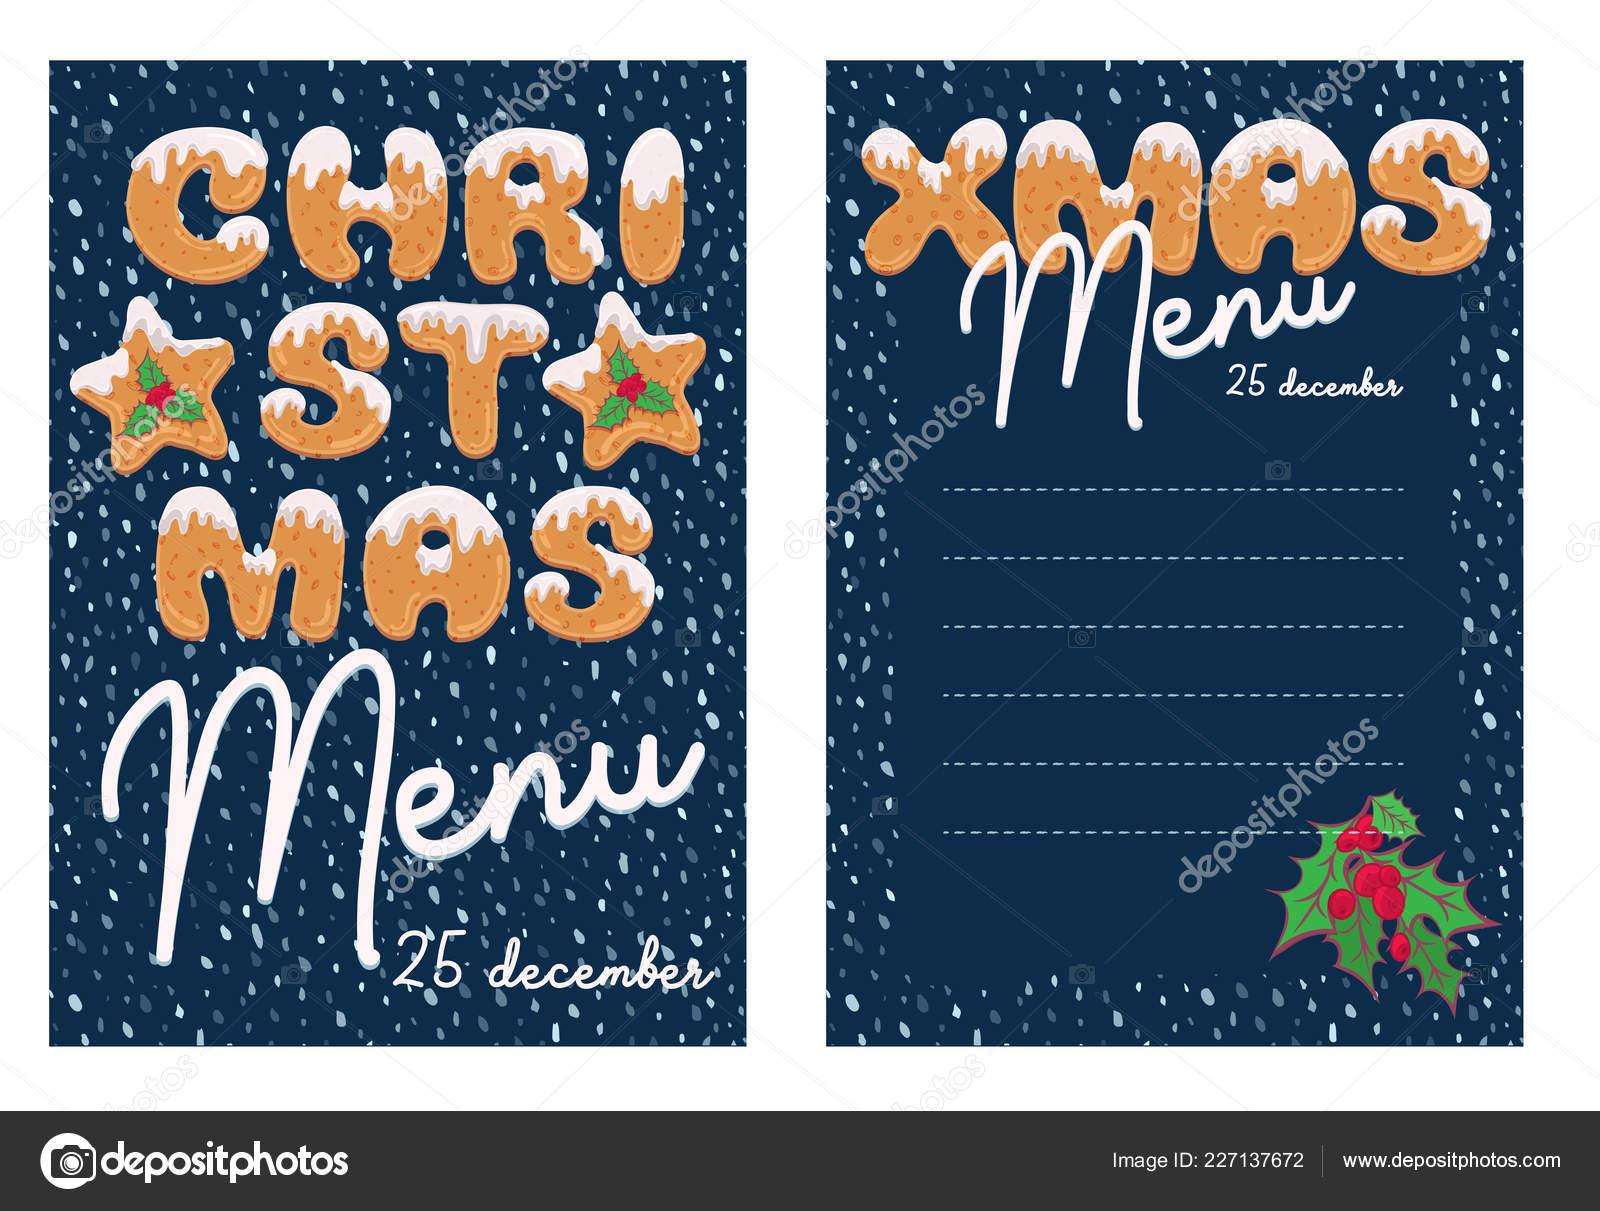 Dessin De Menu Pour Noel.Menu Noel Design Dans Style Dessin Anime Avec Forme Texte